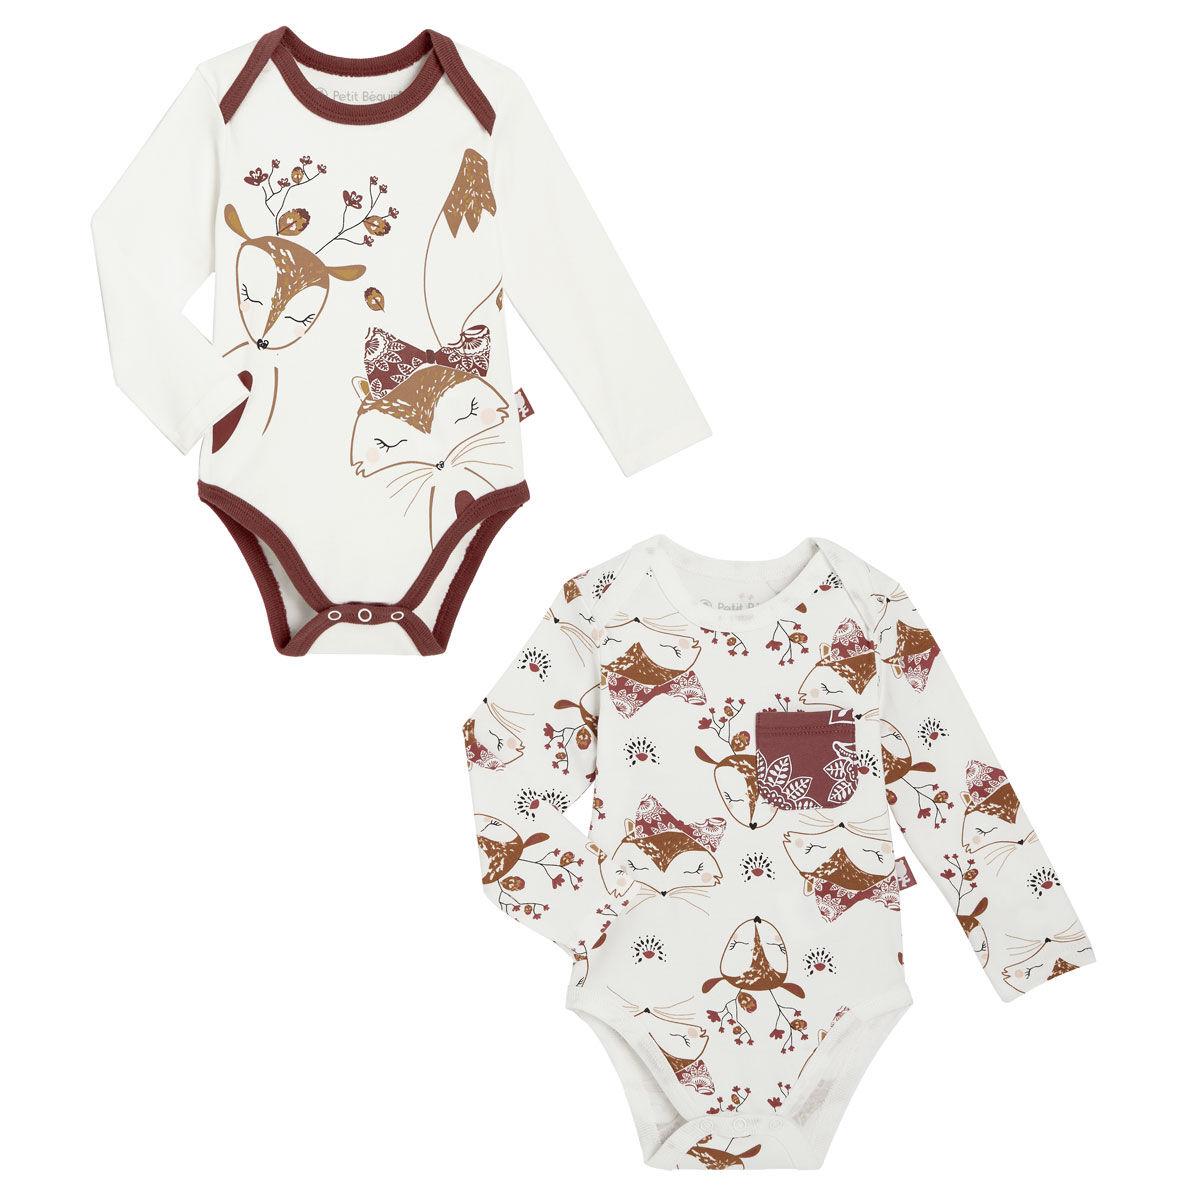 Petit Béguin Lot de 2 bodies bébé fille manches longues Amaya - Taille - 12 mois